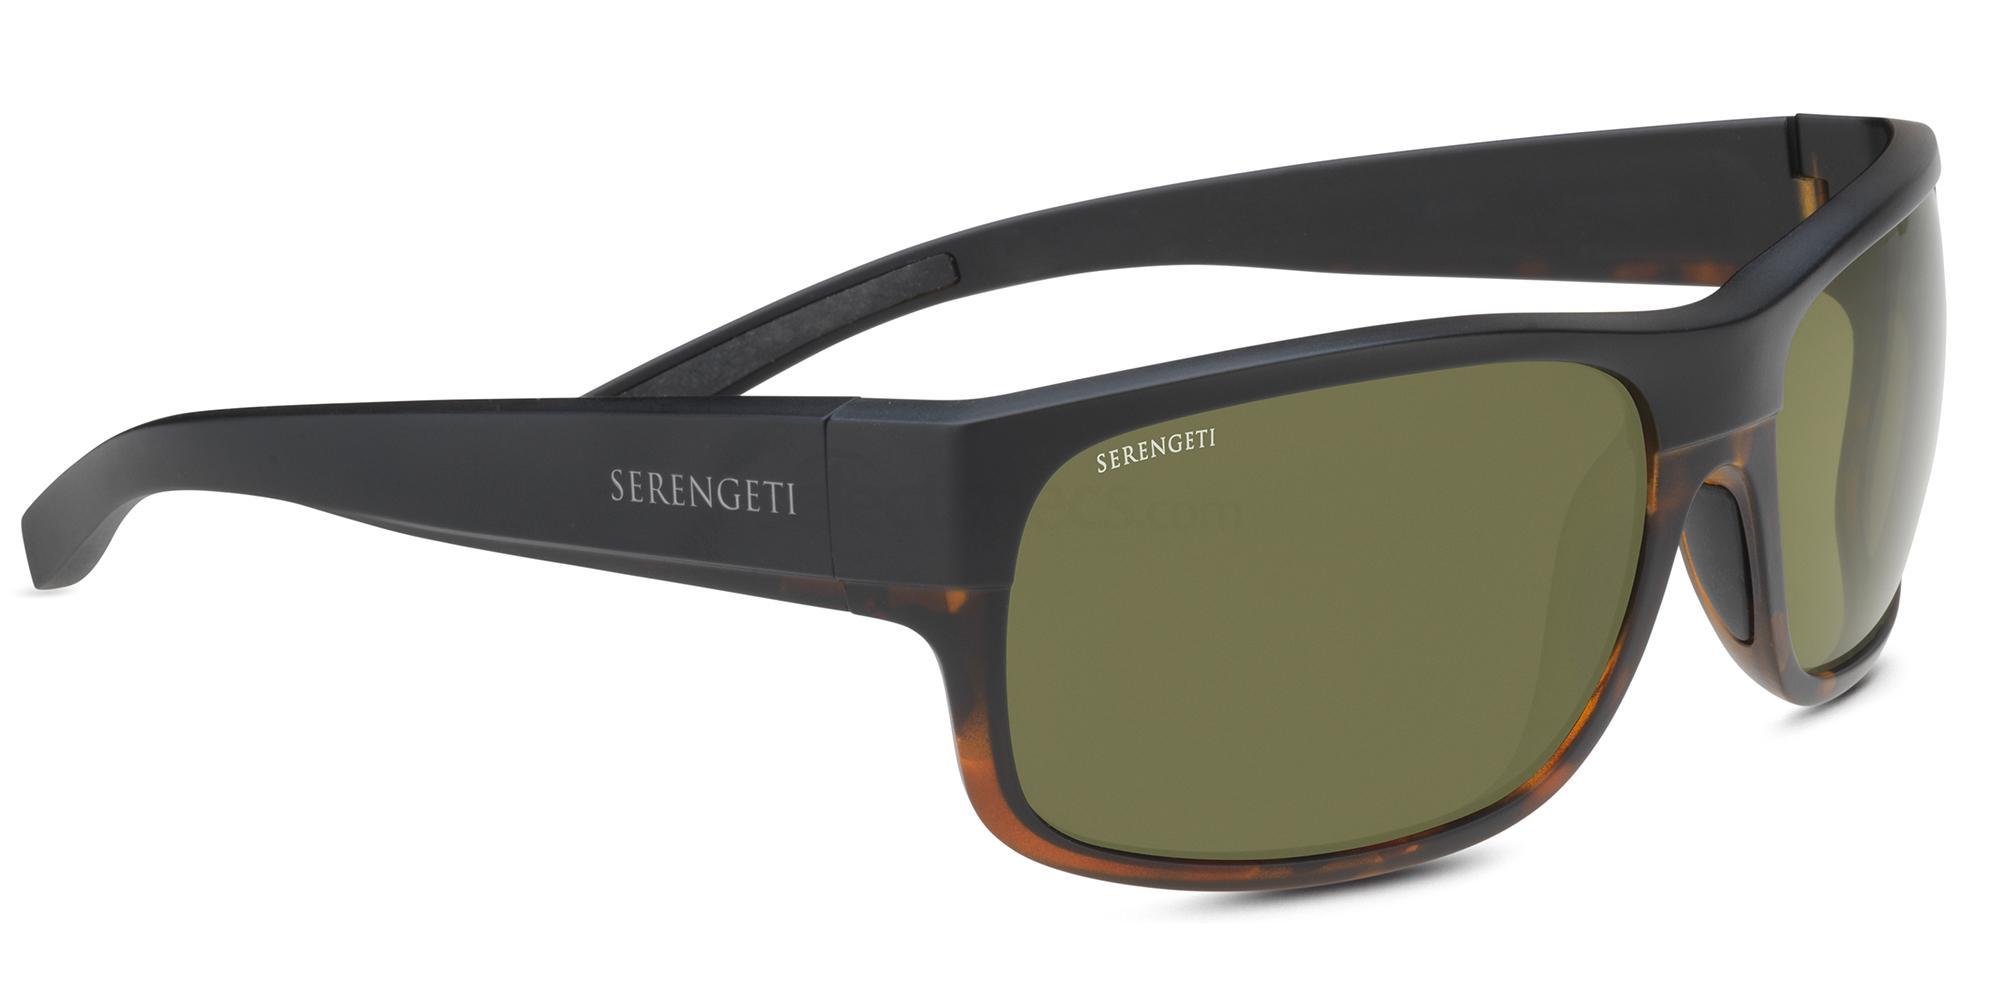 8805 BERGAMO Sunglasses, Serengeti